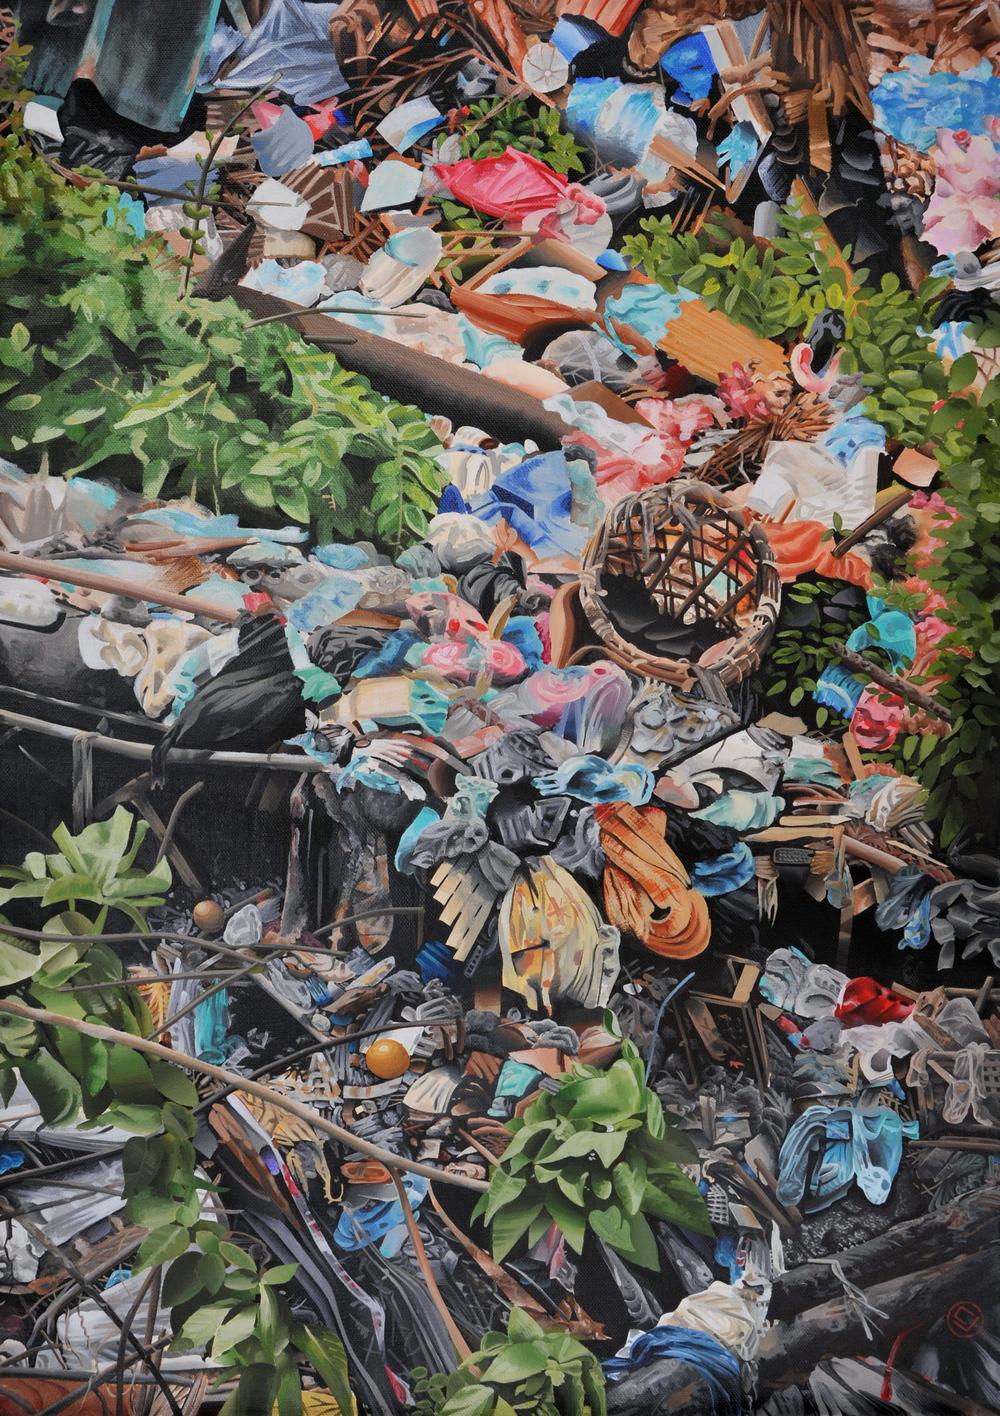 trash, Hanoi VN. (20x26)